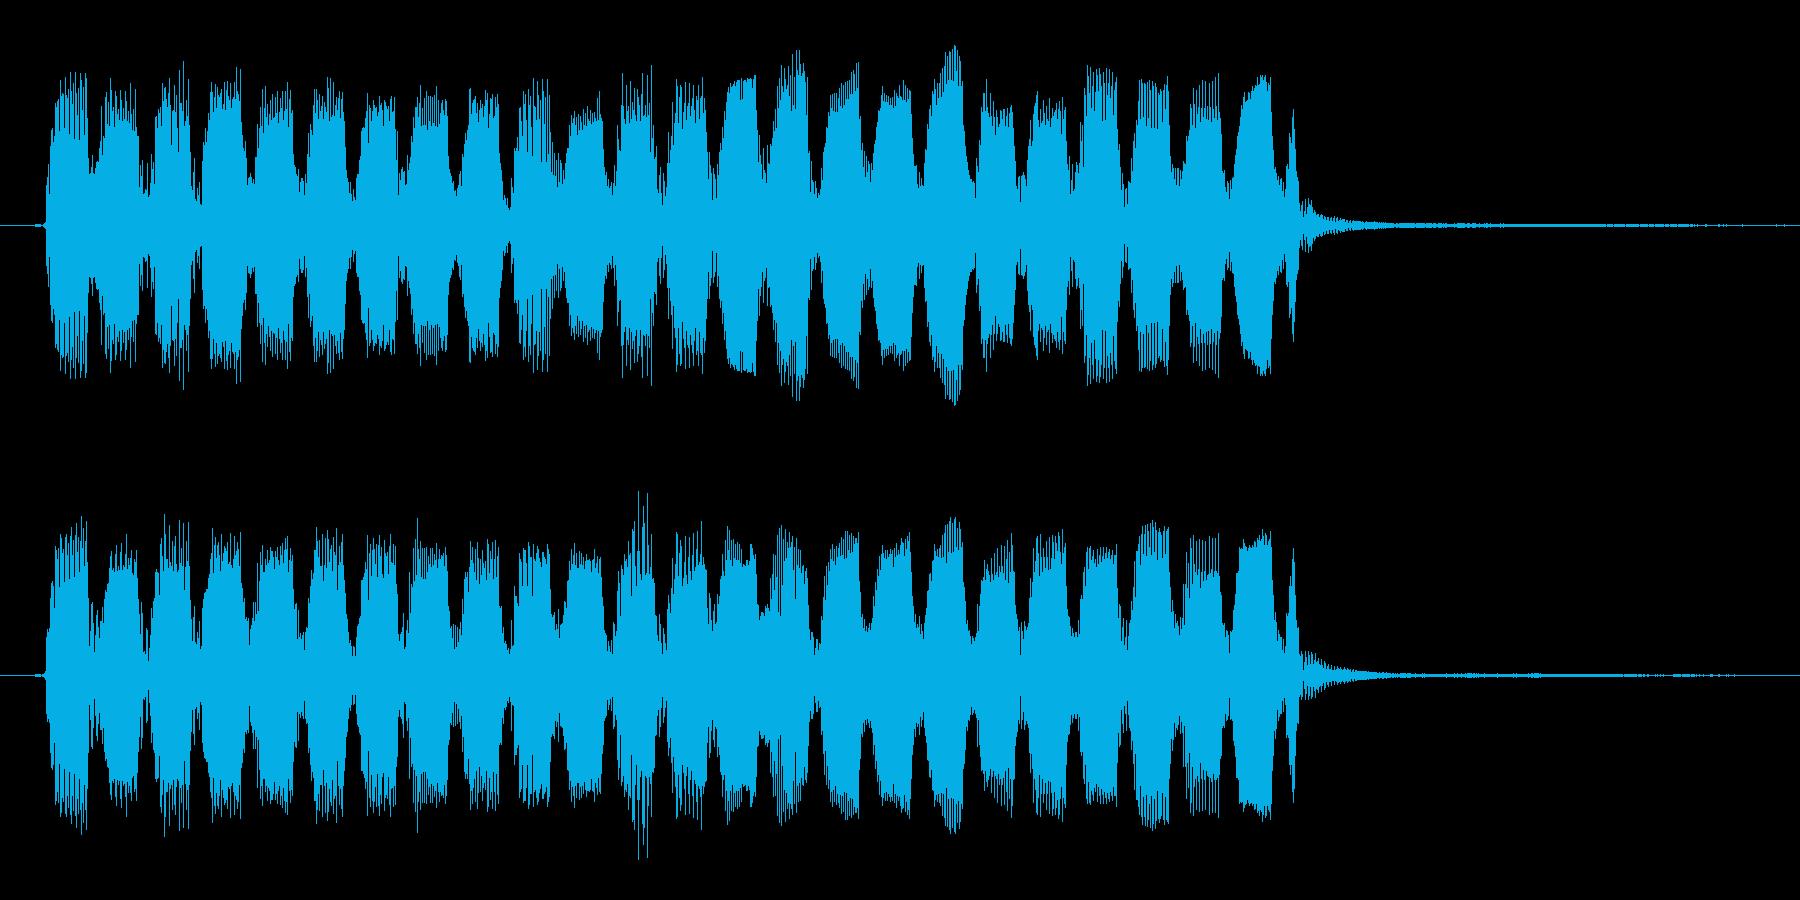 コミカルで変な効果音・アイテム出現音の再生済みの波形